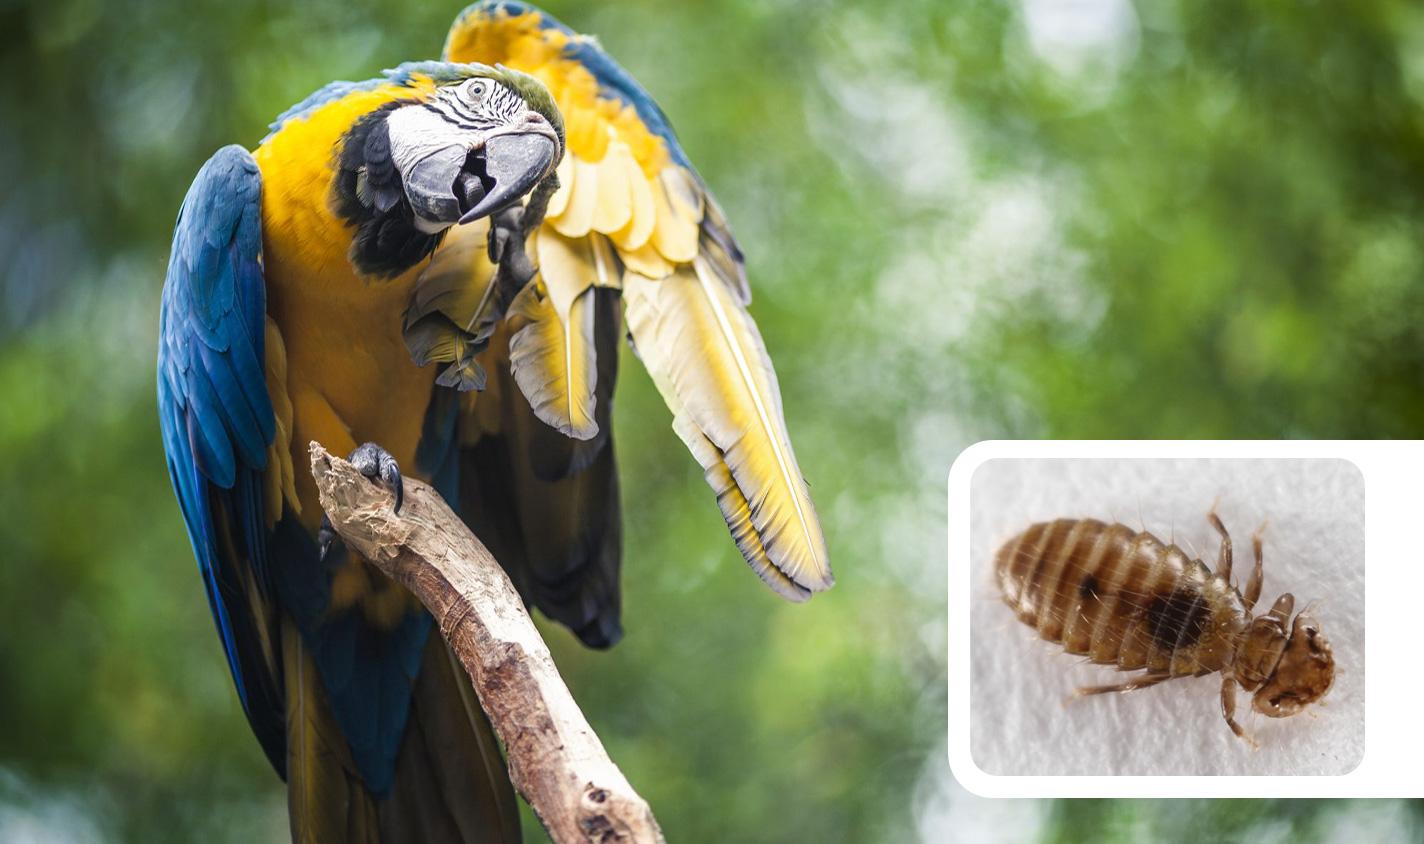 تصویر شپش پرنده